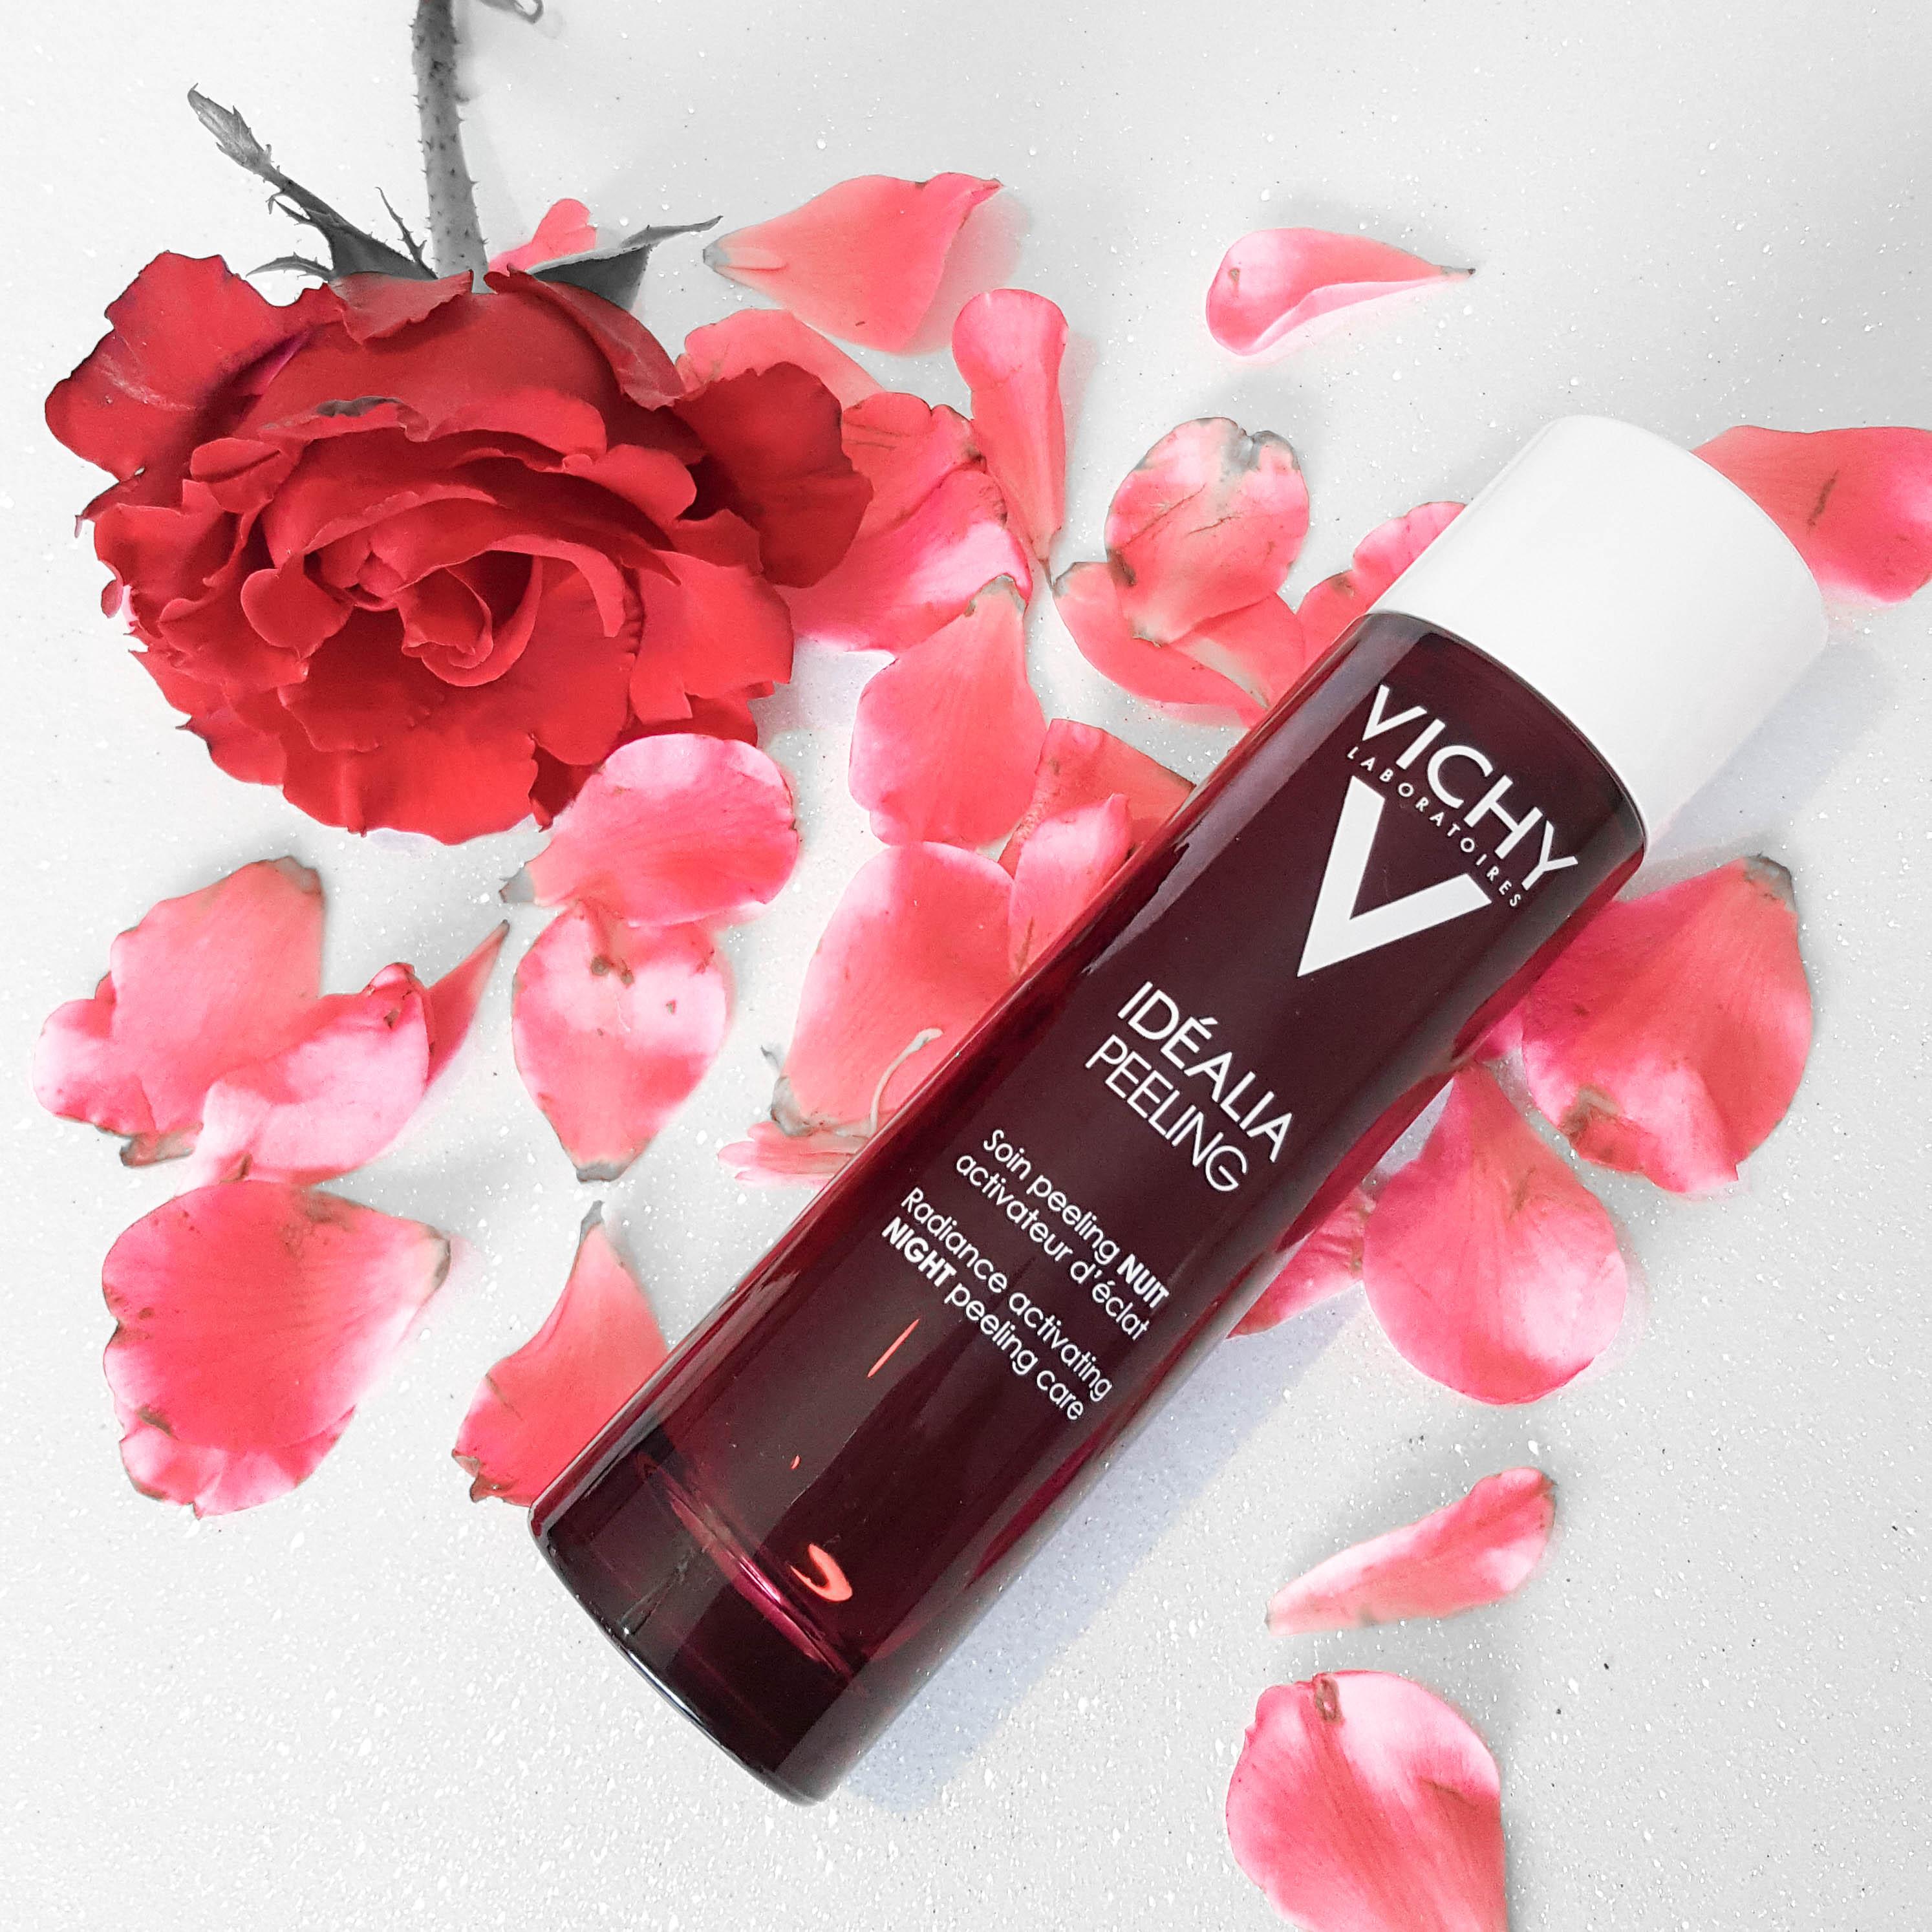 @cantinhodairina's cover photo for 'Vichy Idealia Night Peeling | Review - Cantinho da Irina'